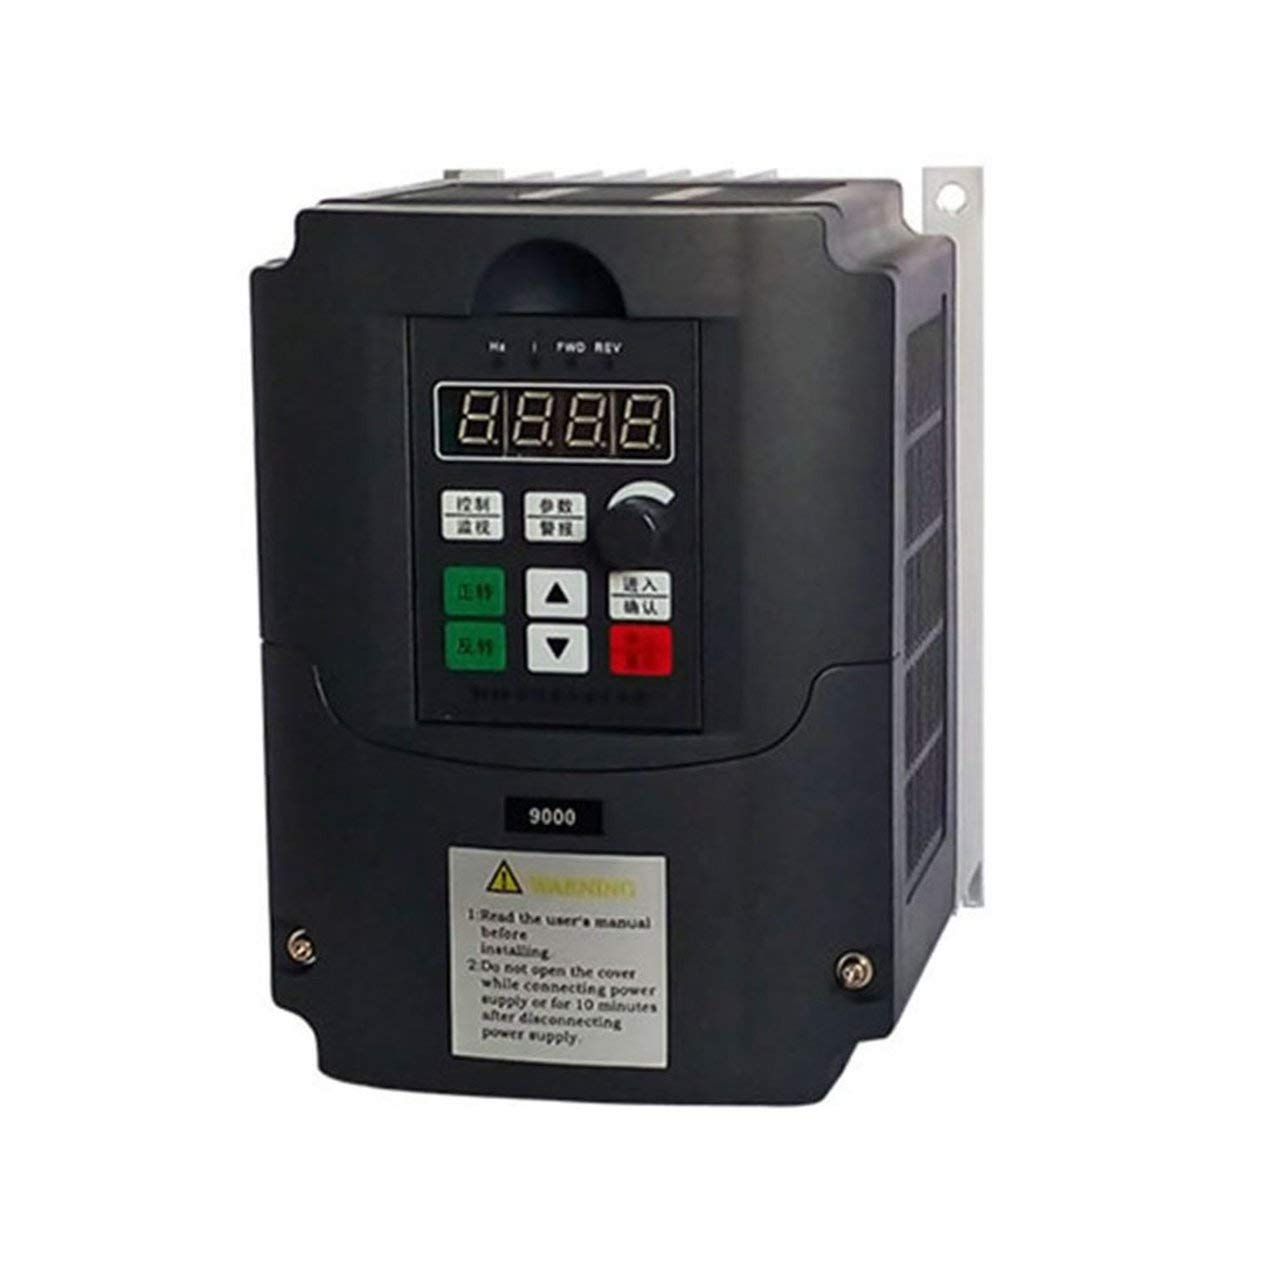 220V 1.5KW Inversor de frecuencia, monofá sico Convertidor de frecuencia de 3 fases de salida del convertidor de velocidad ajustable de frecuencia de accionamiento del inversor, para el motor de 3 fases Dooret